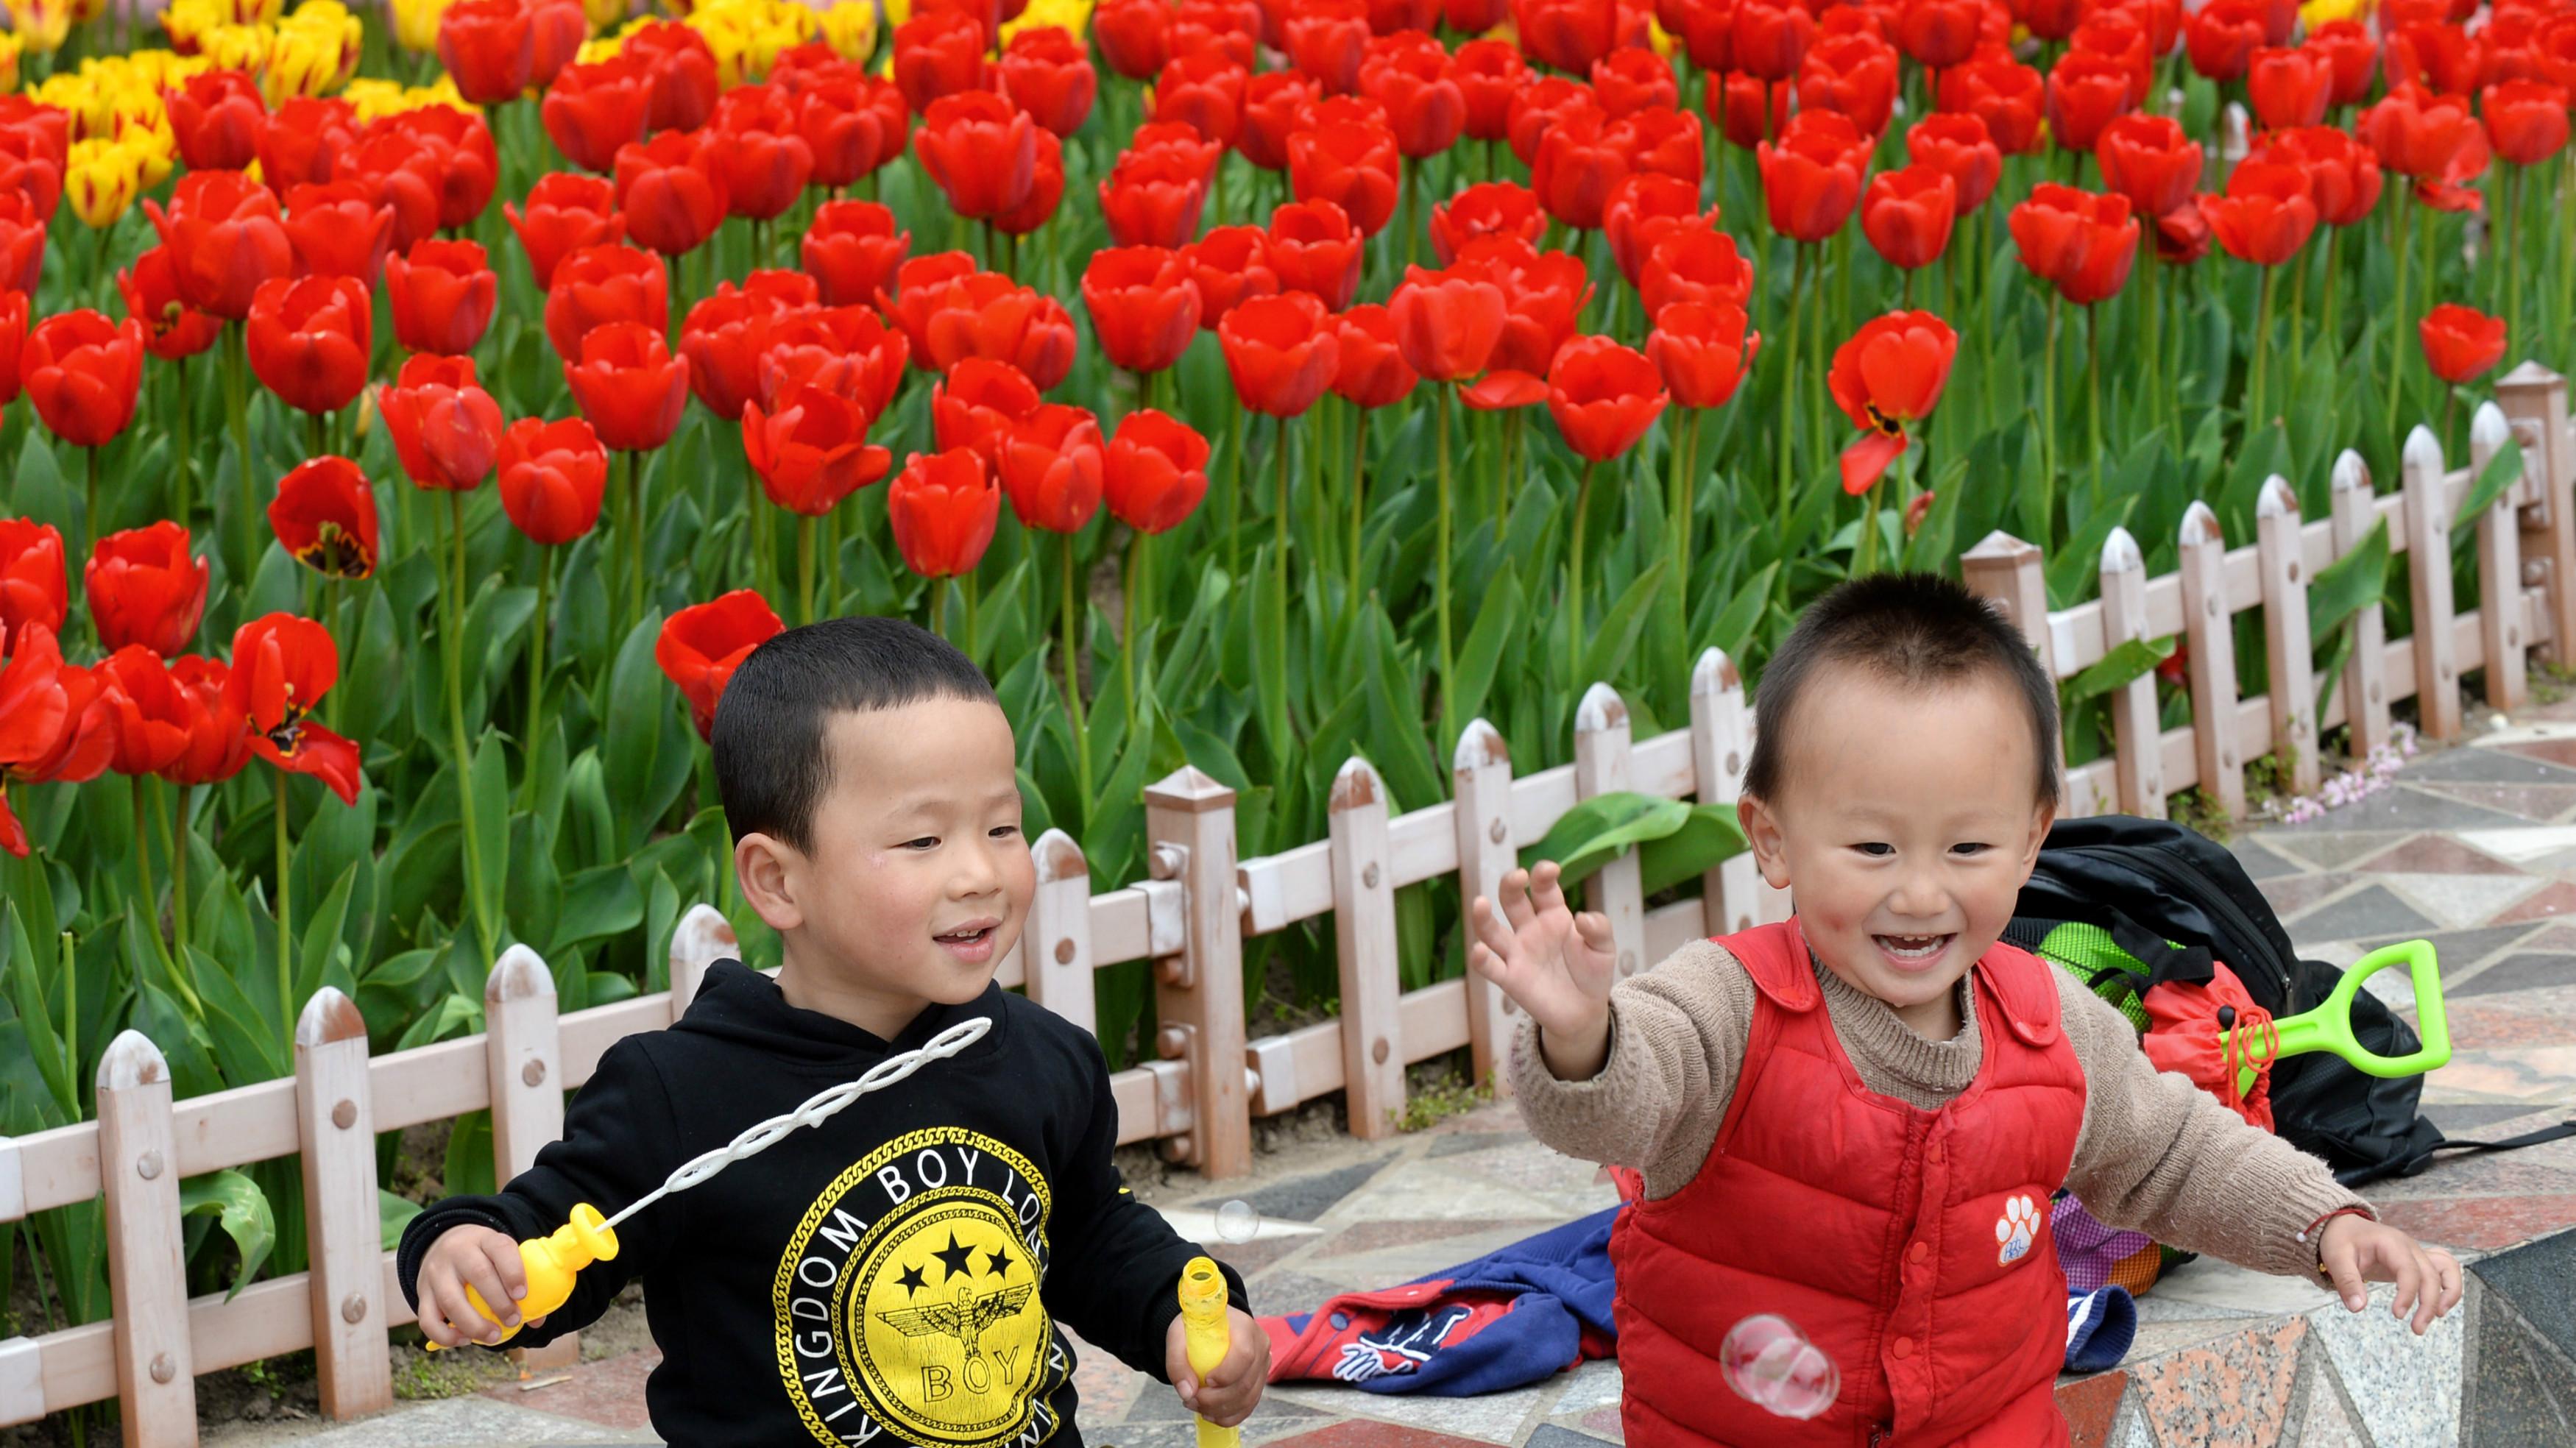 彩化申城 让上海的美丽再升级